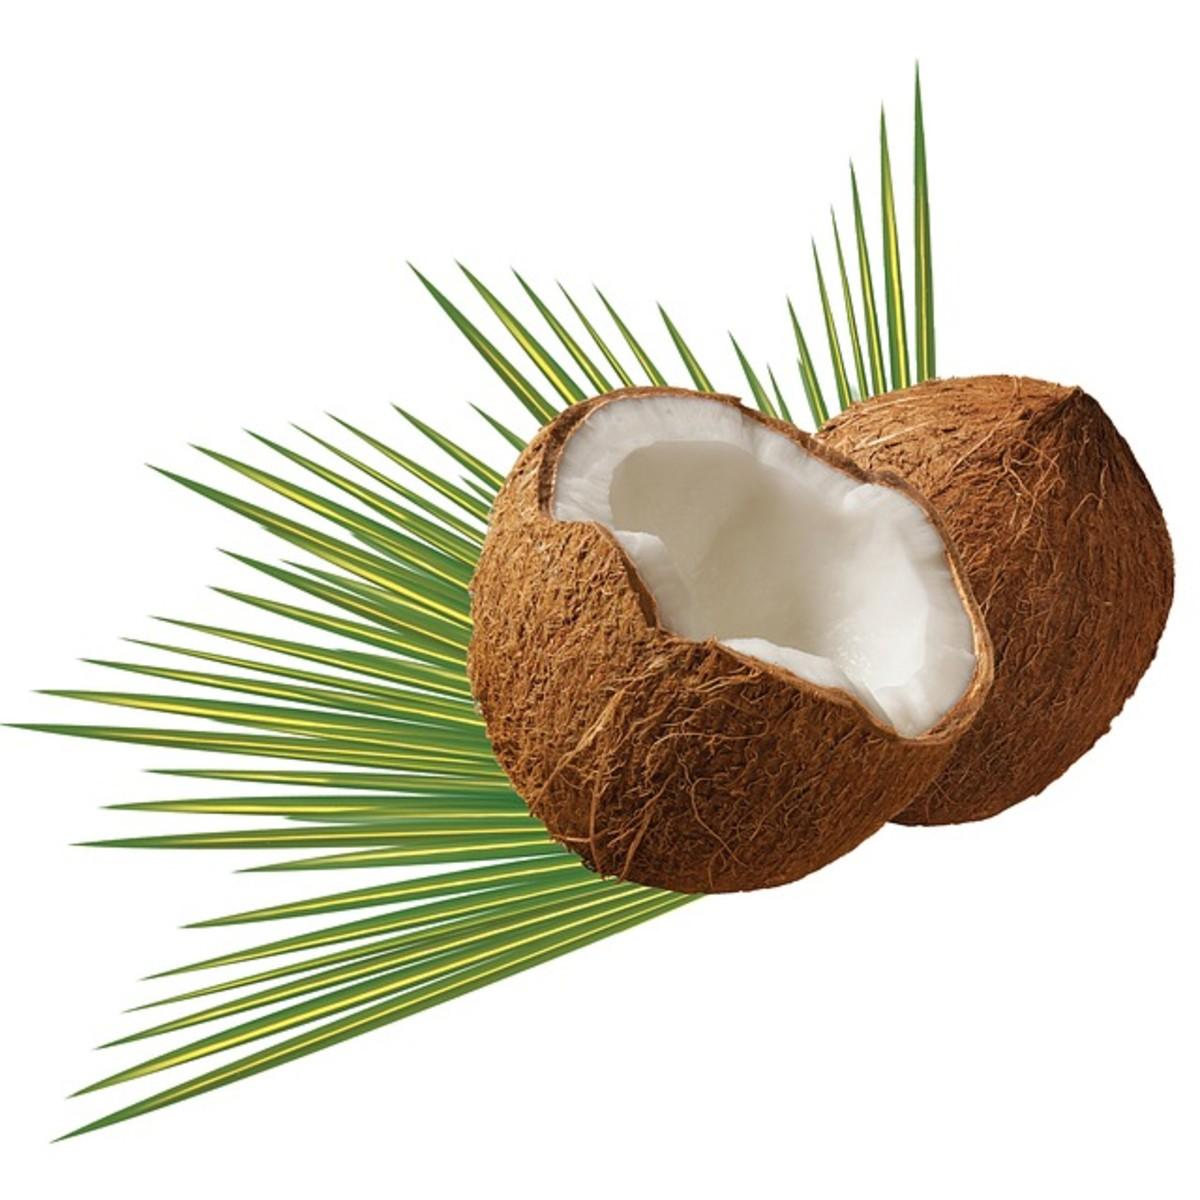 A Broken Coconut